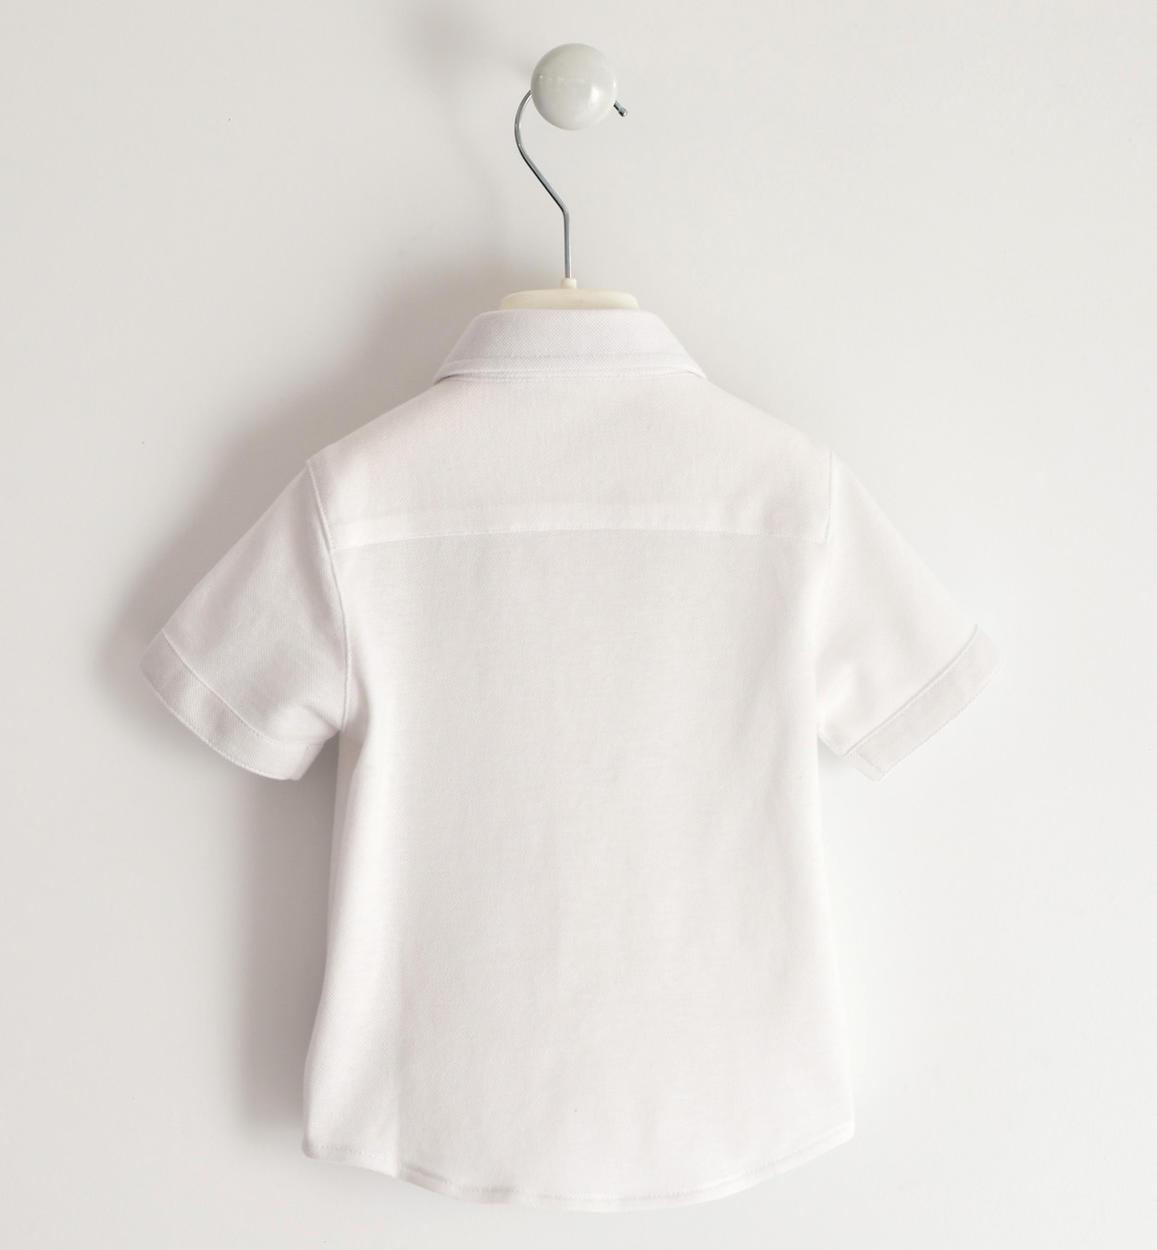 camicia bambino a manica corta in comodo bianco retro 02 1194j67000 0113 150x150